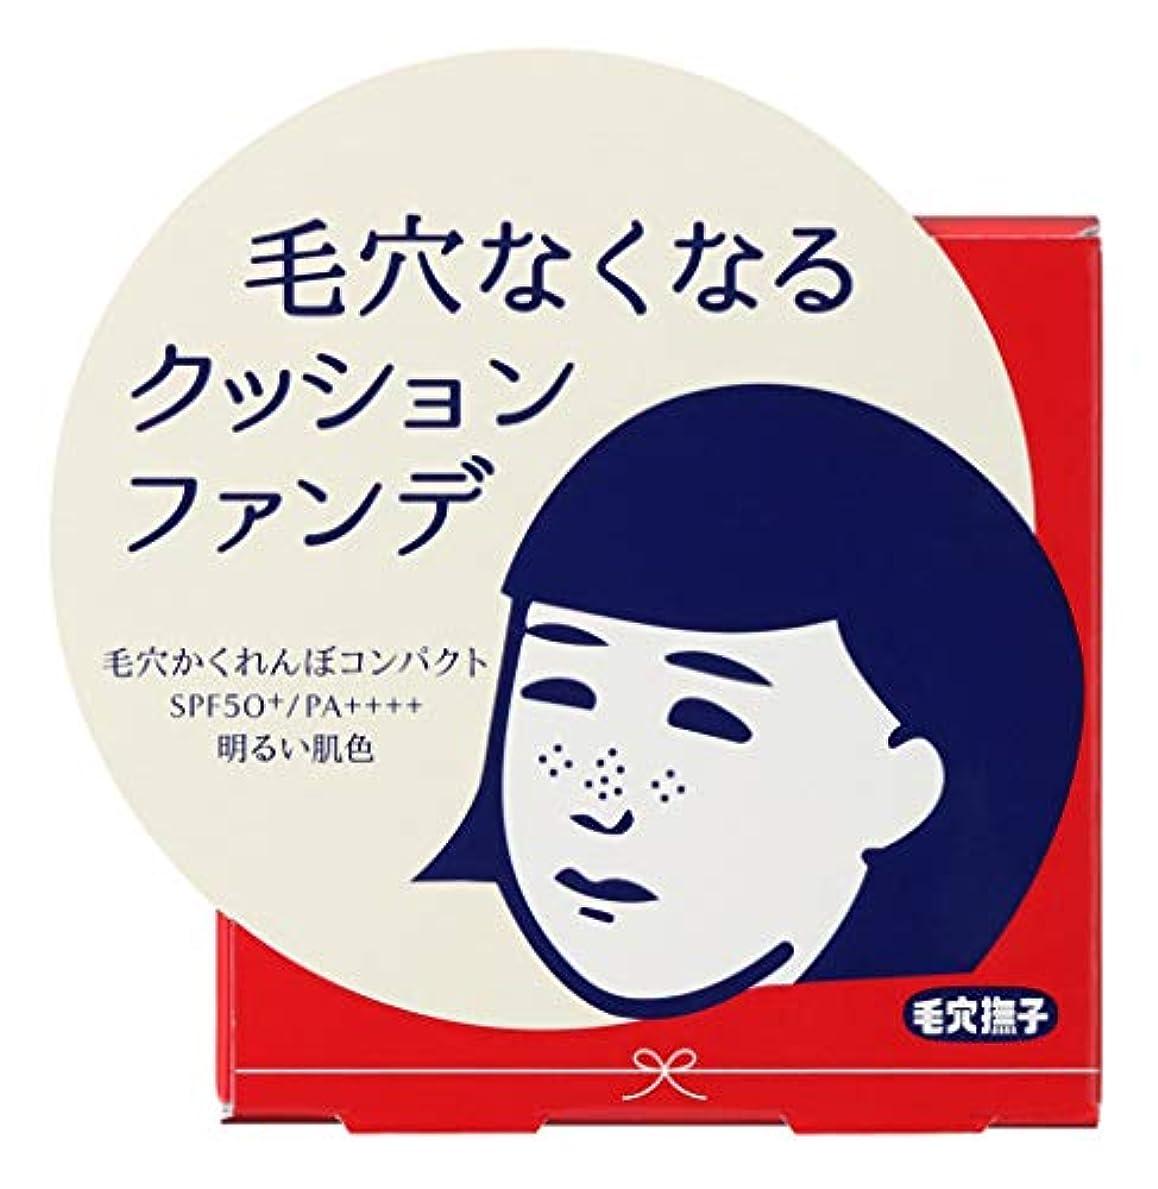 マネージャーペンフレンドミリメーター毛穴撫子 毛穴かくれんぼコンパクト(明るい肌色)